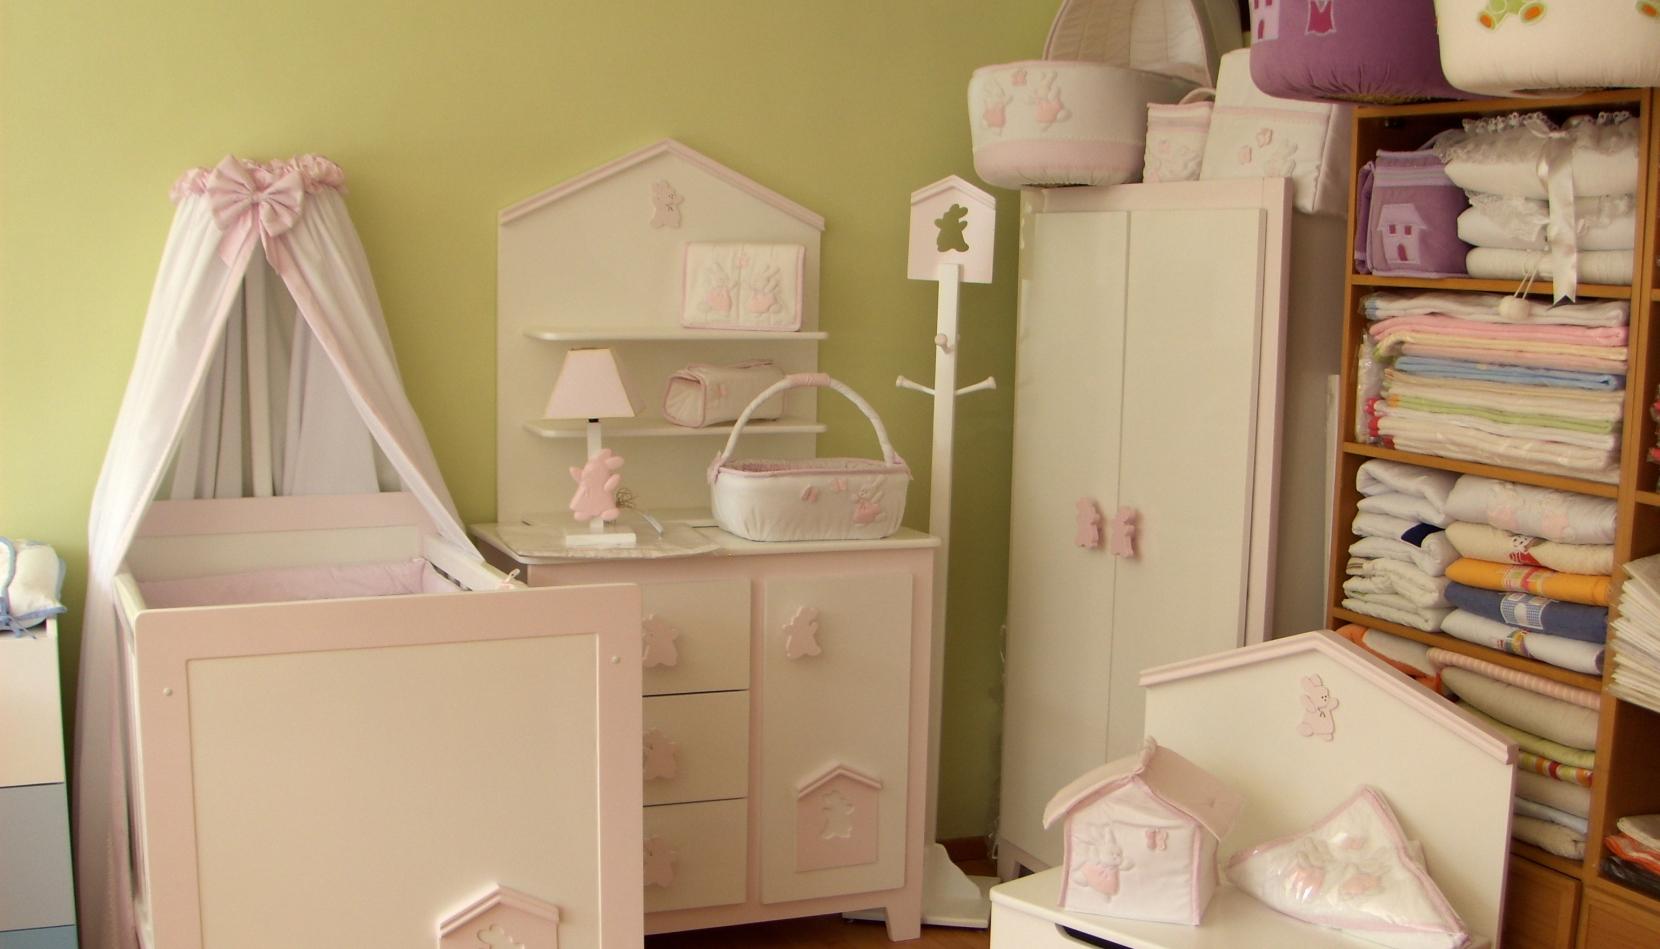 Magasin de meuble pour b b ouistitipop - Lit pour bebe casablanca ...